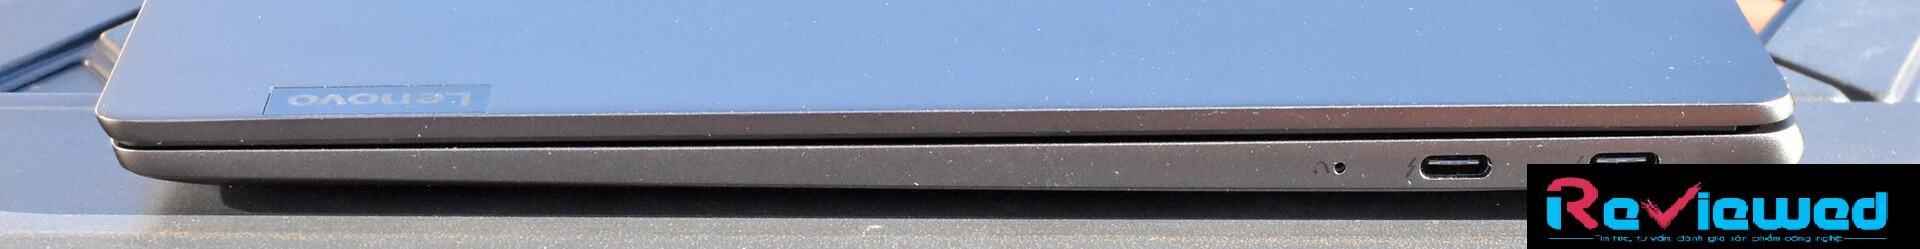 đánh giá Lenovo IdeaPad 730S